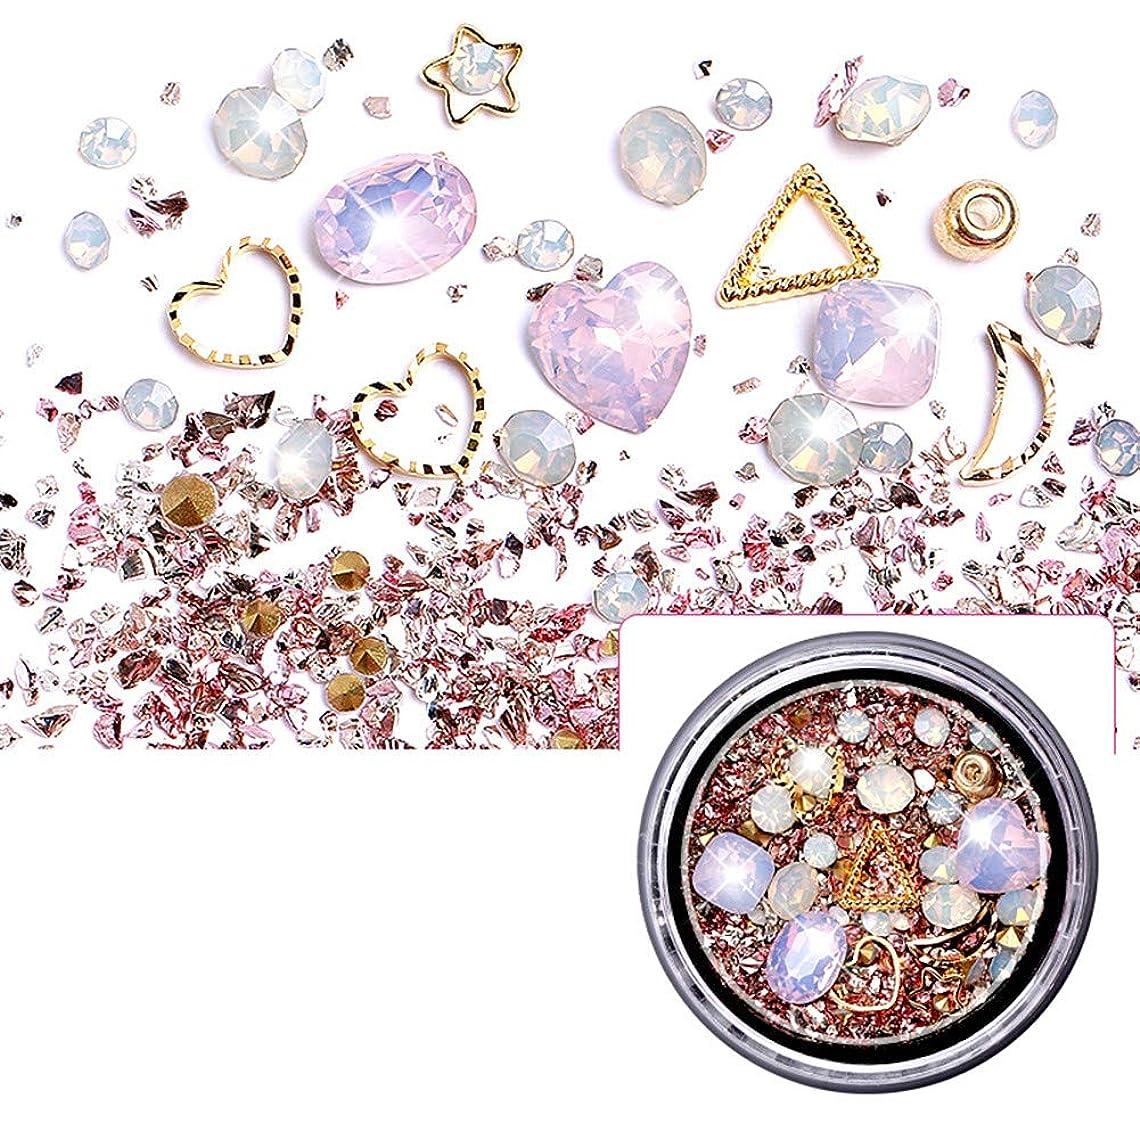 請求イブニングヤング(トーダー)ジェルネイルパーツ ラインストーン メタルスタッズ スライスパーツ ネイルデコレーション レジン デコパーツ キラキラ 多面体 3Dネイルダイヤモンド DIYラインストーン (3)